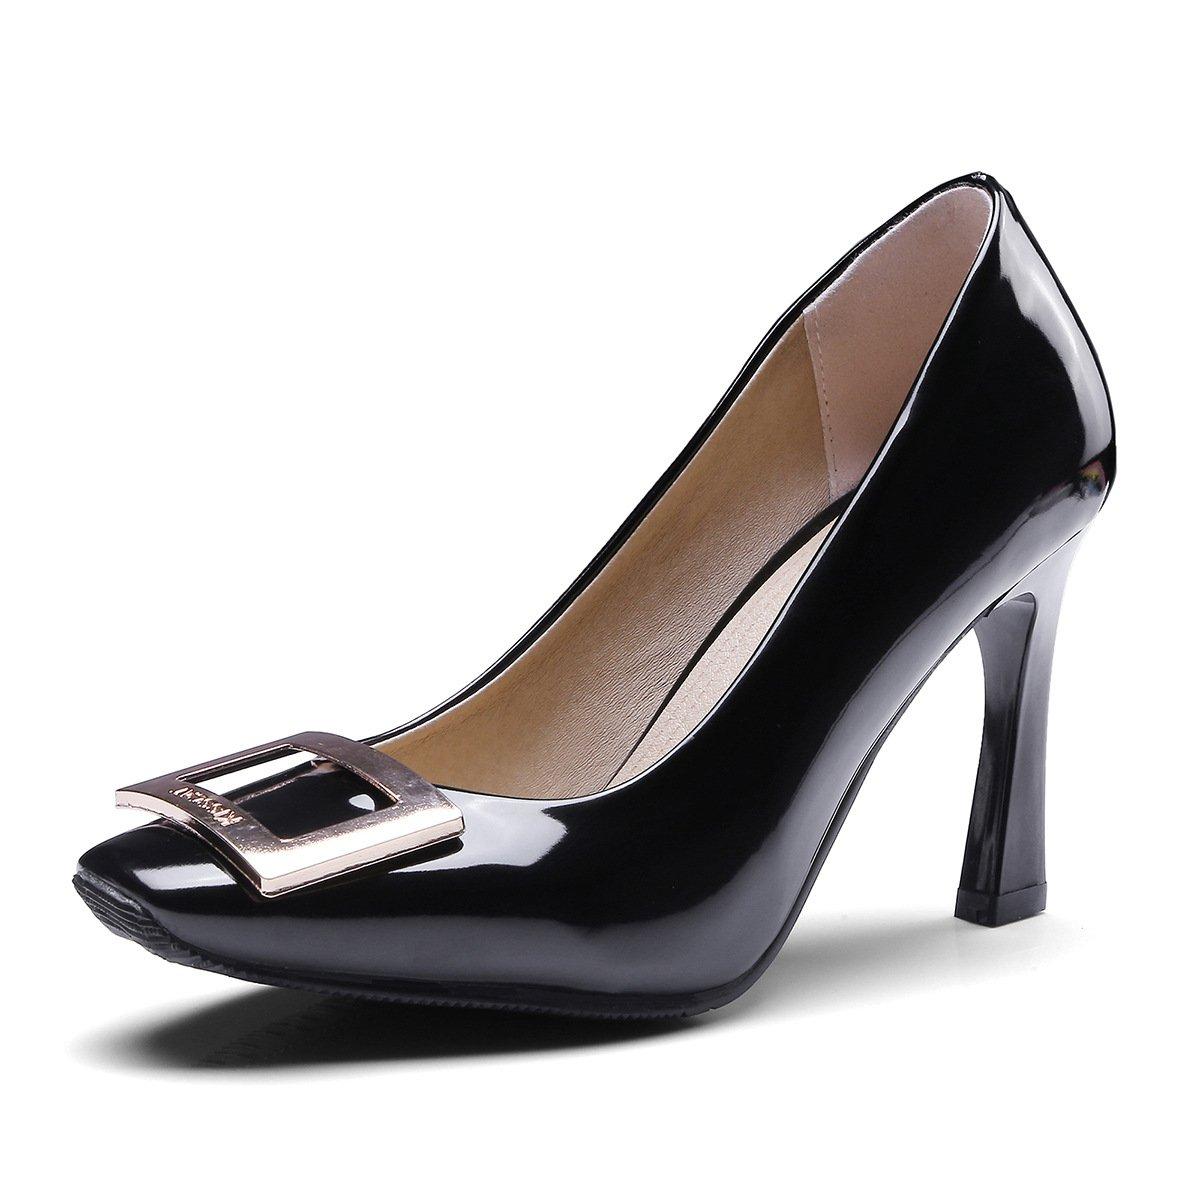 Dick mit high-heeled Licht - Square bridal Licht Schuhe - einzelne Schuhe Frauen Schuhe Licht schwarz d6d7eb